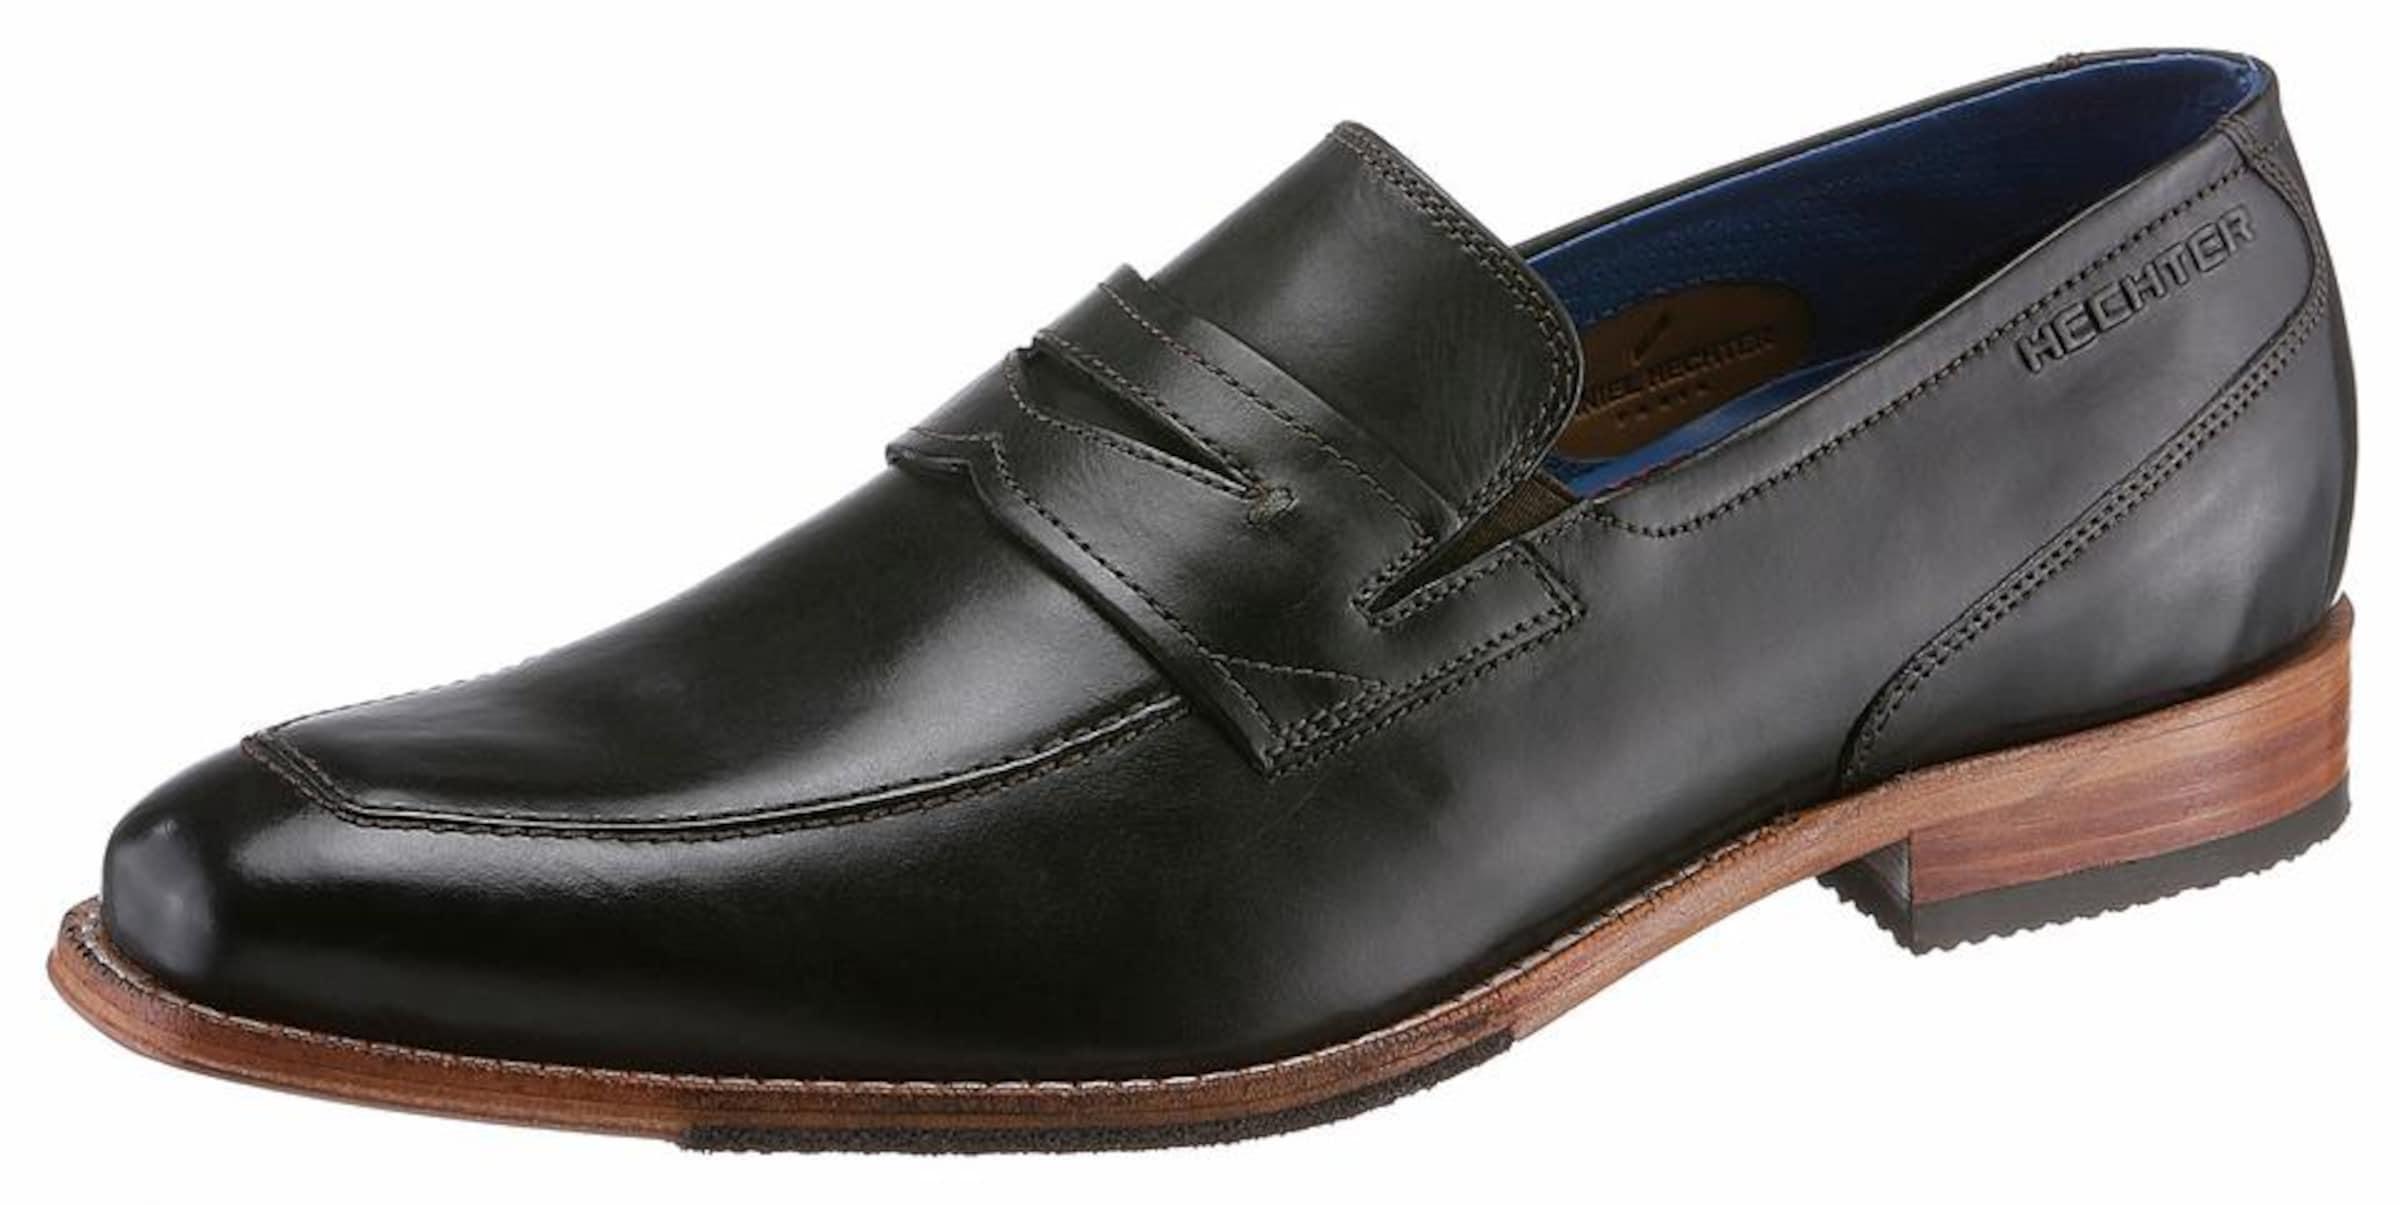 DANIEL HECHTER Slipper Verschleißfeste billige Schuhe